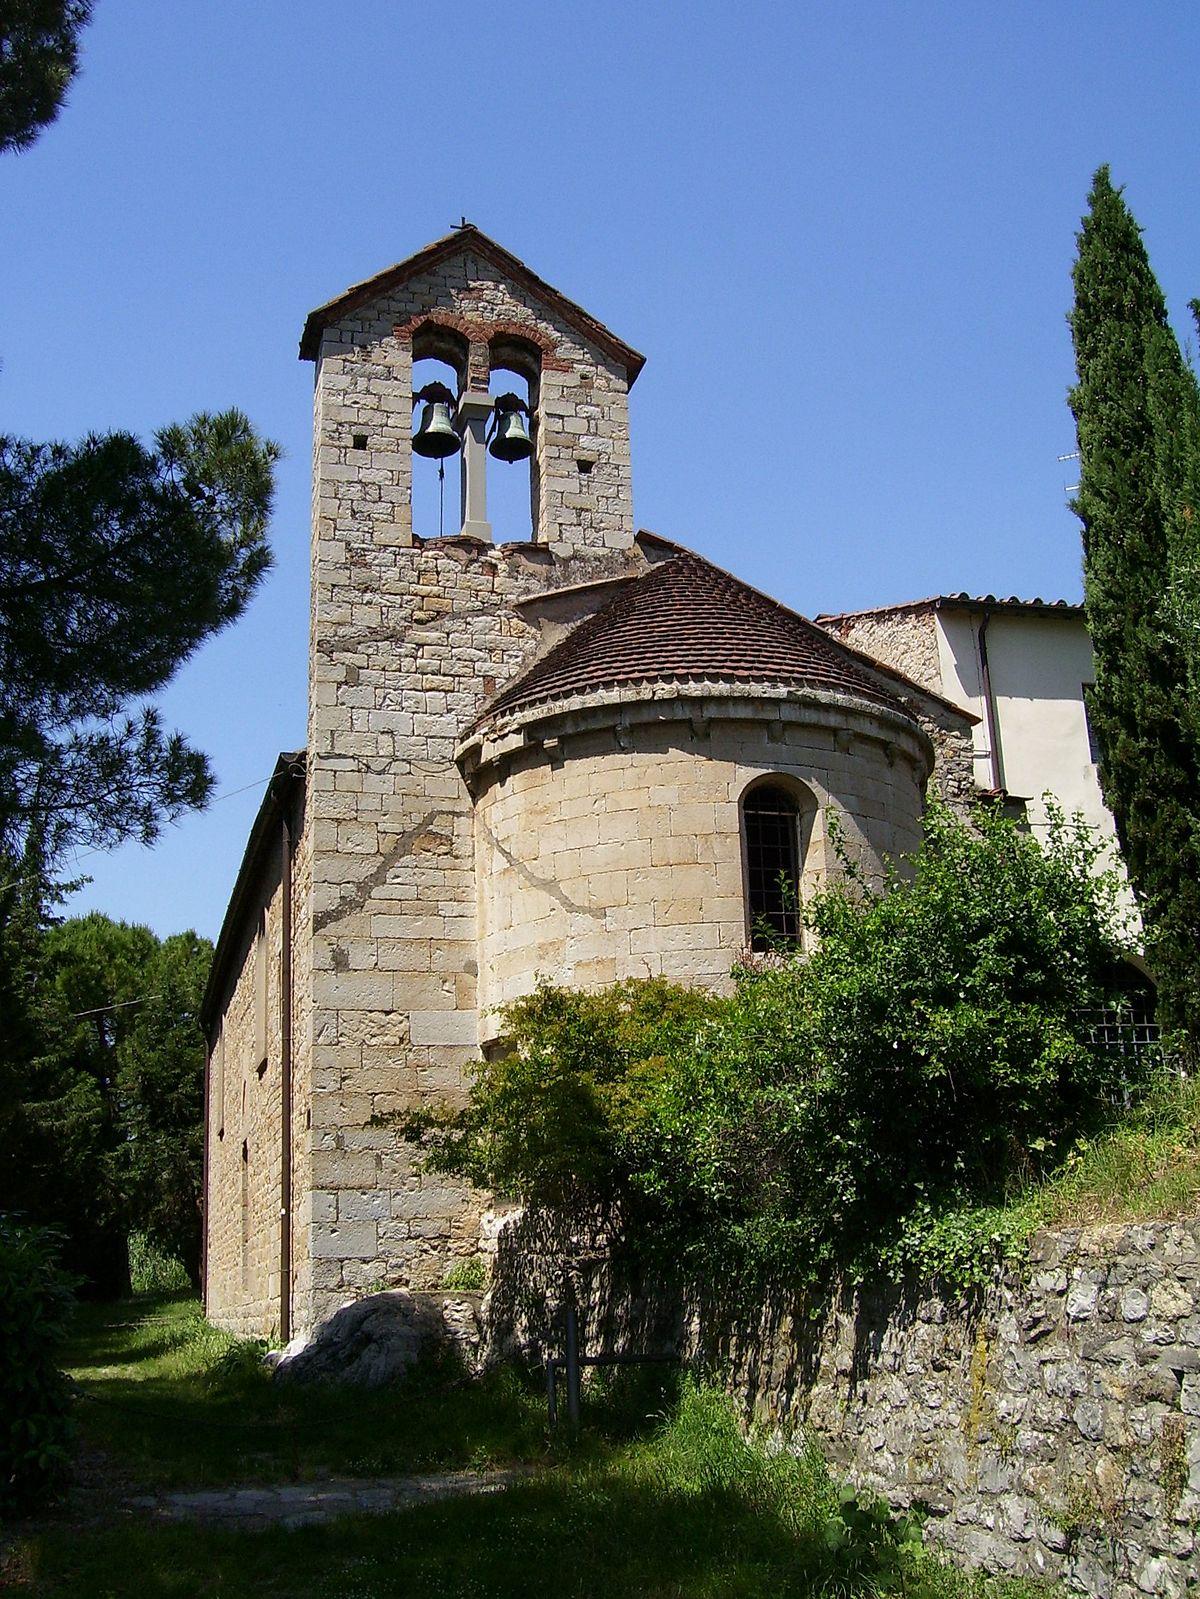 Chiesa di santa cristina a pimonte wikipedia for Edificio di 10000 piedi quadrati